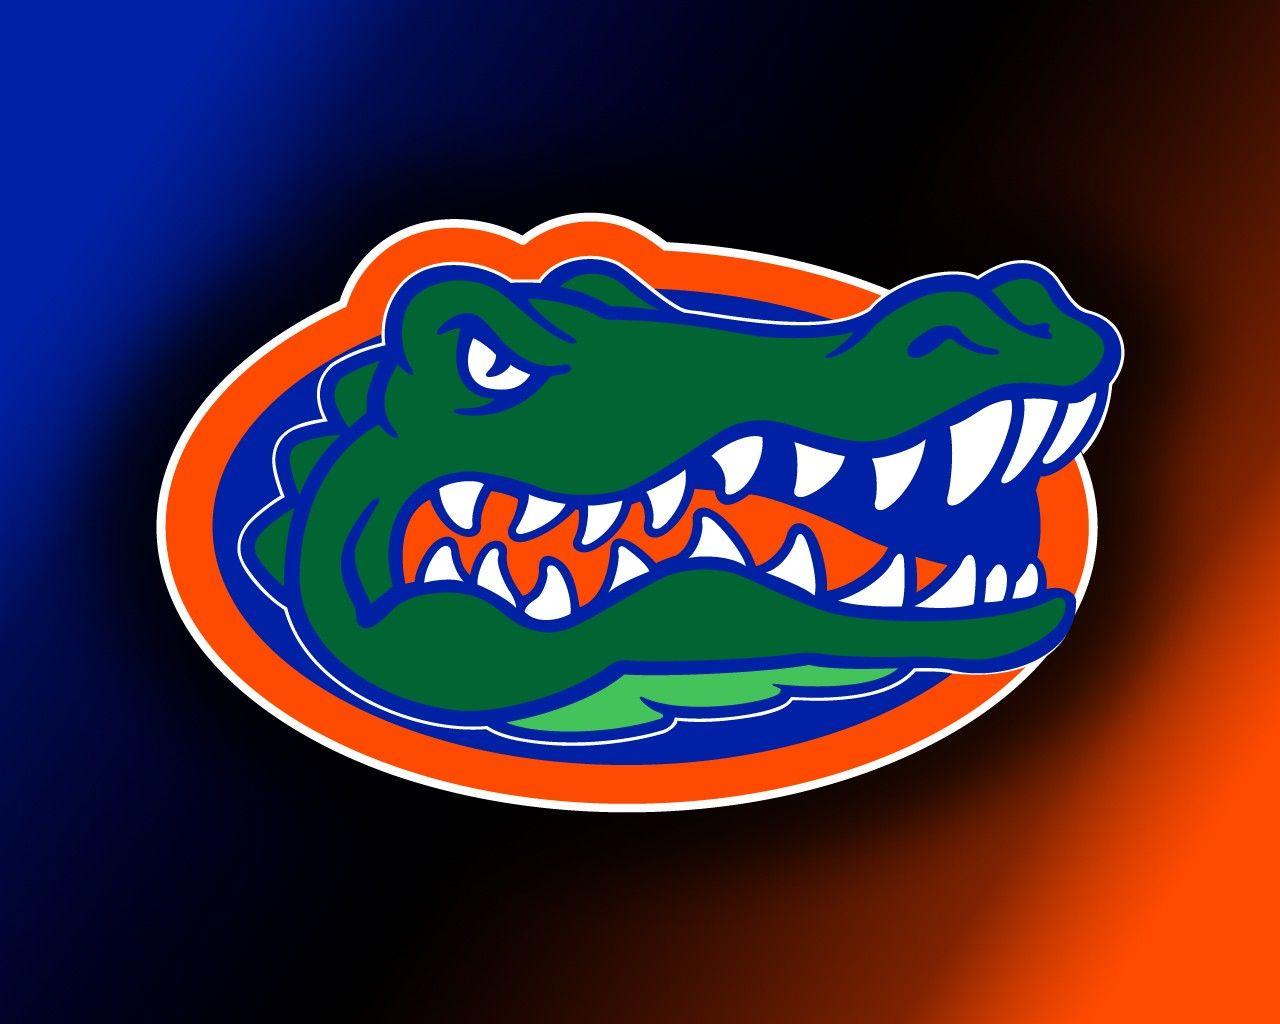 Free Florida Gator Wallpaper Florida Gators Wallpaper Florida Gators Football Florida Gators Logo